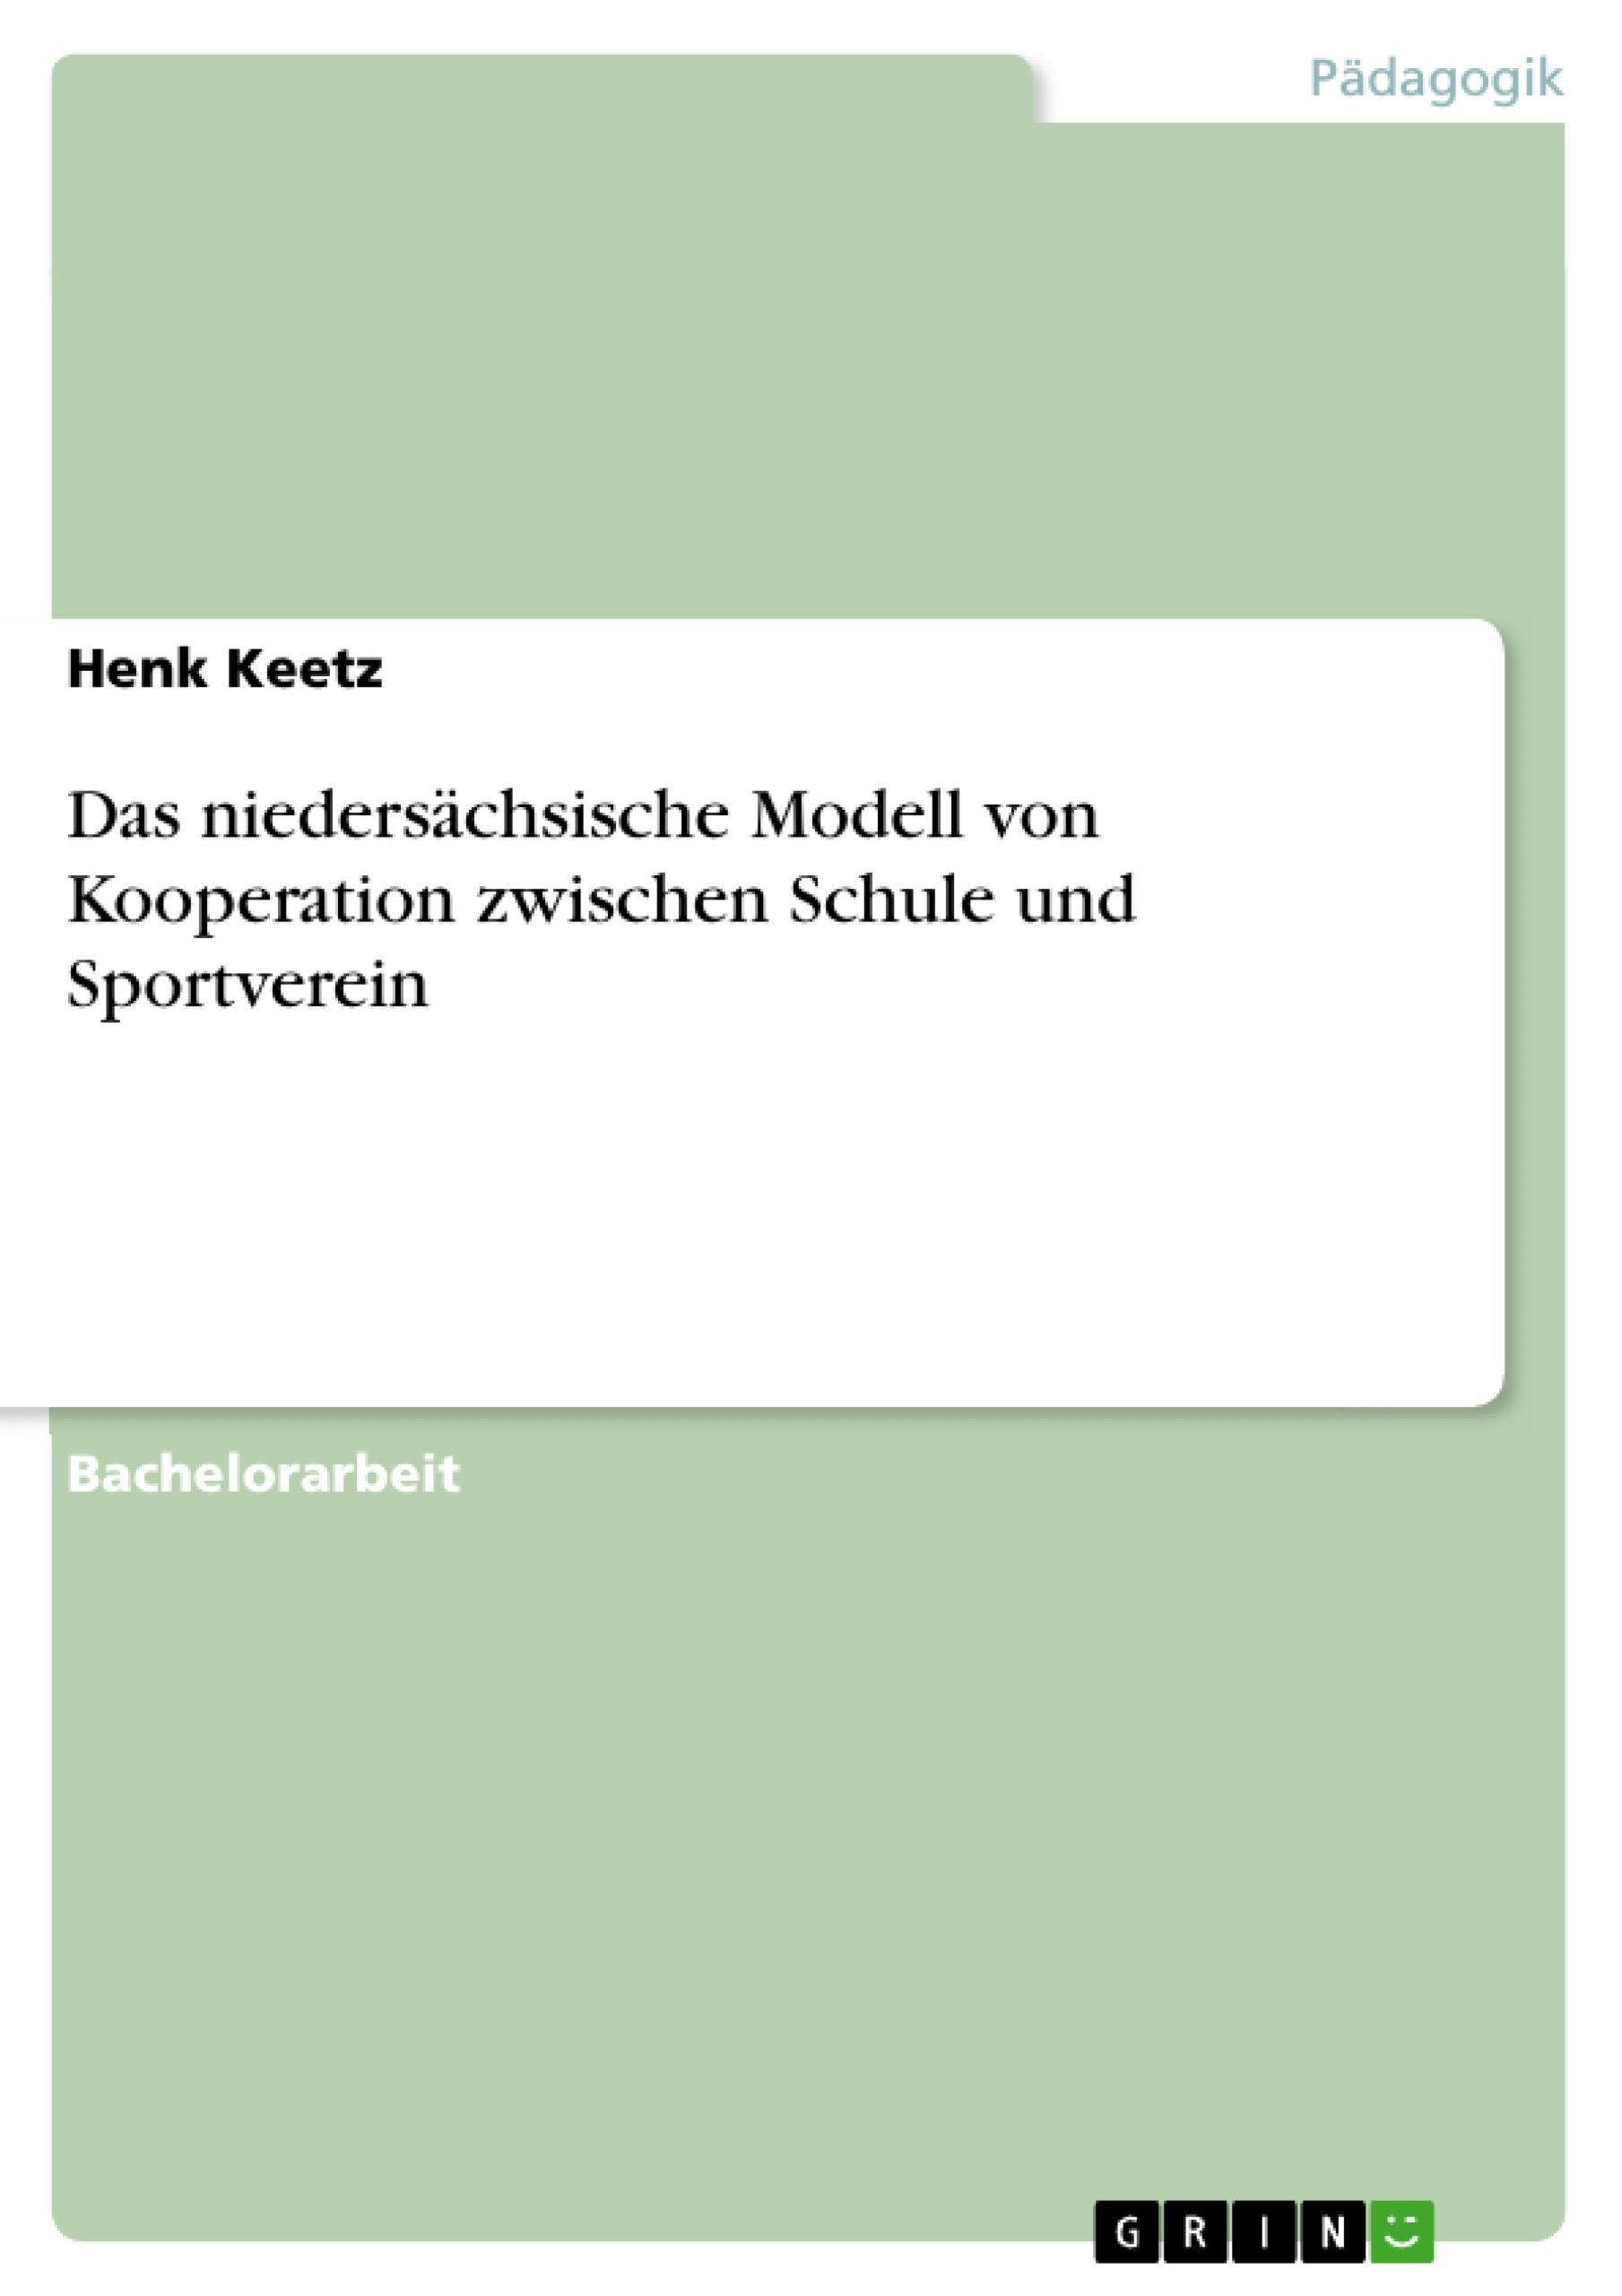 Titel: Das niedersächsische Modell von Kooperation zwischen Schule und Sportverein